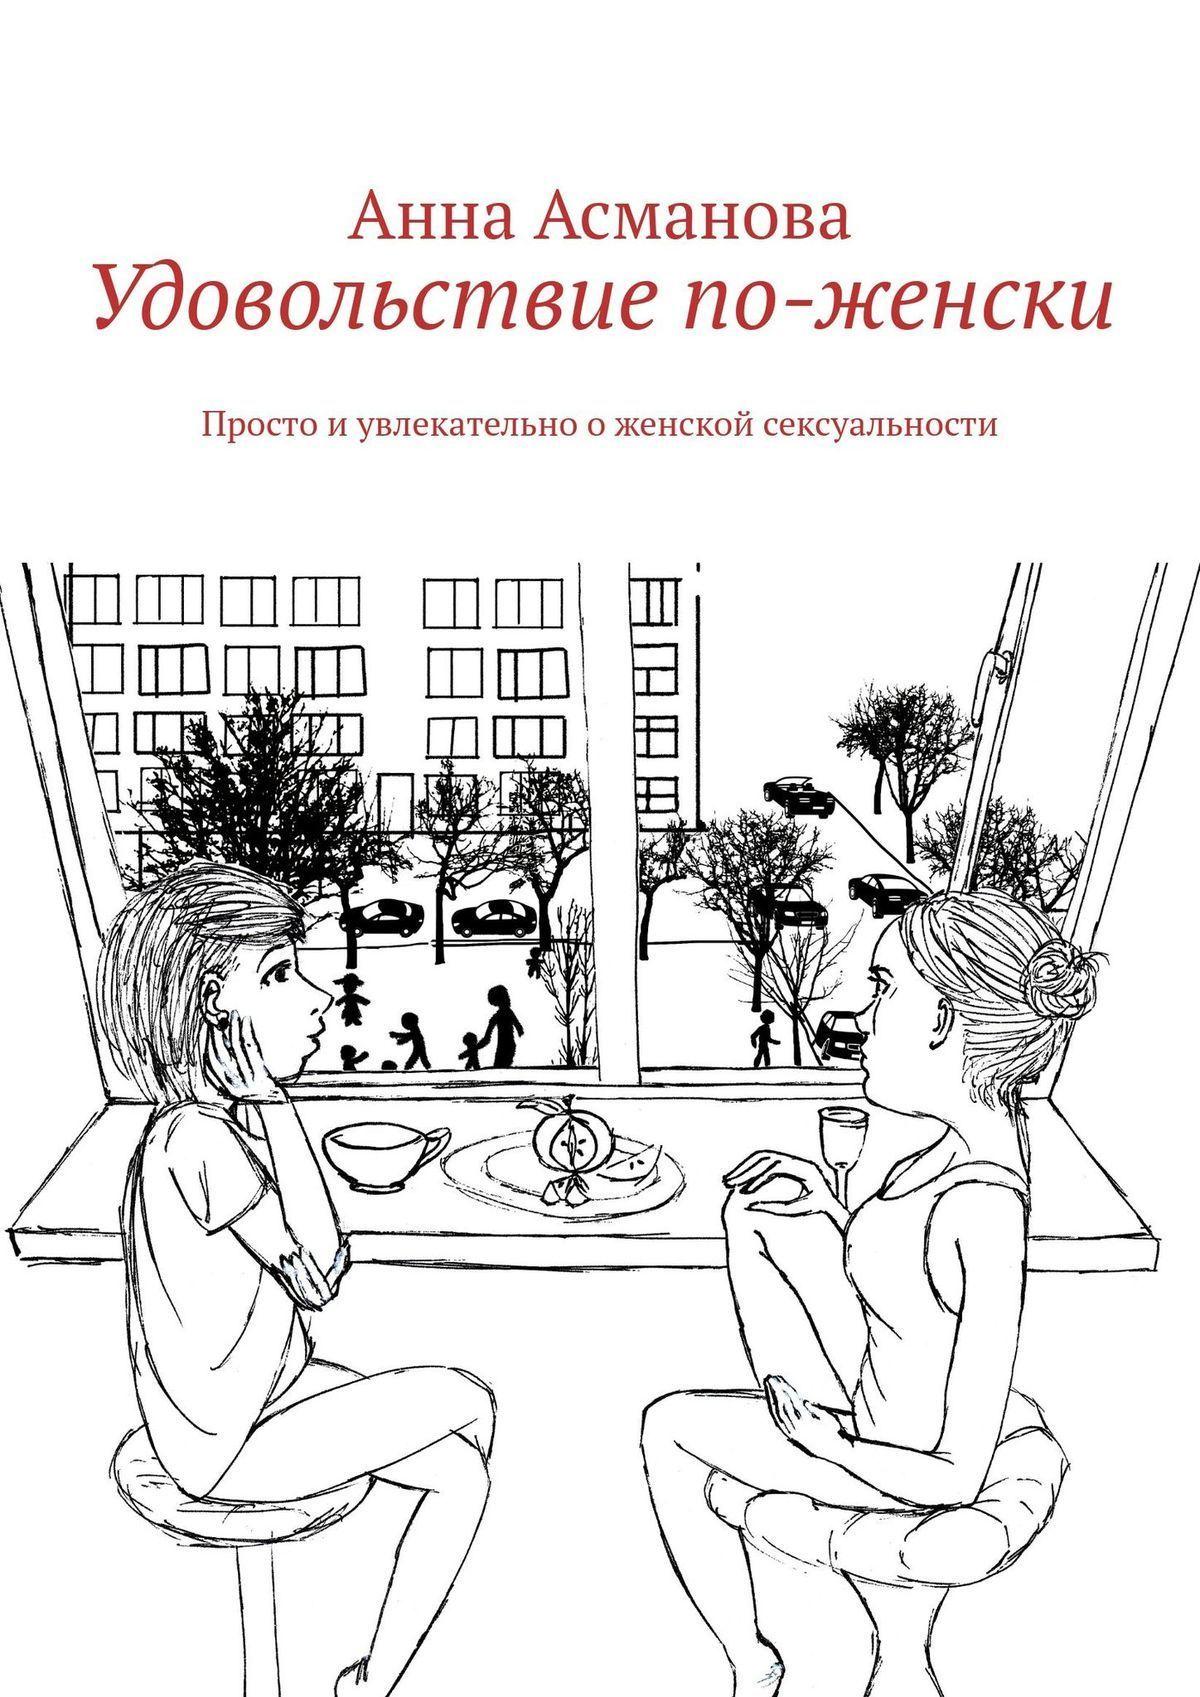 Анна Асманова - Удовольствие по-женски. Просто иувлекательно оженской сексуальности